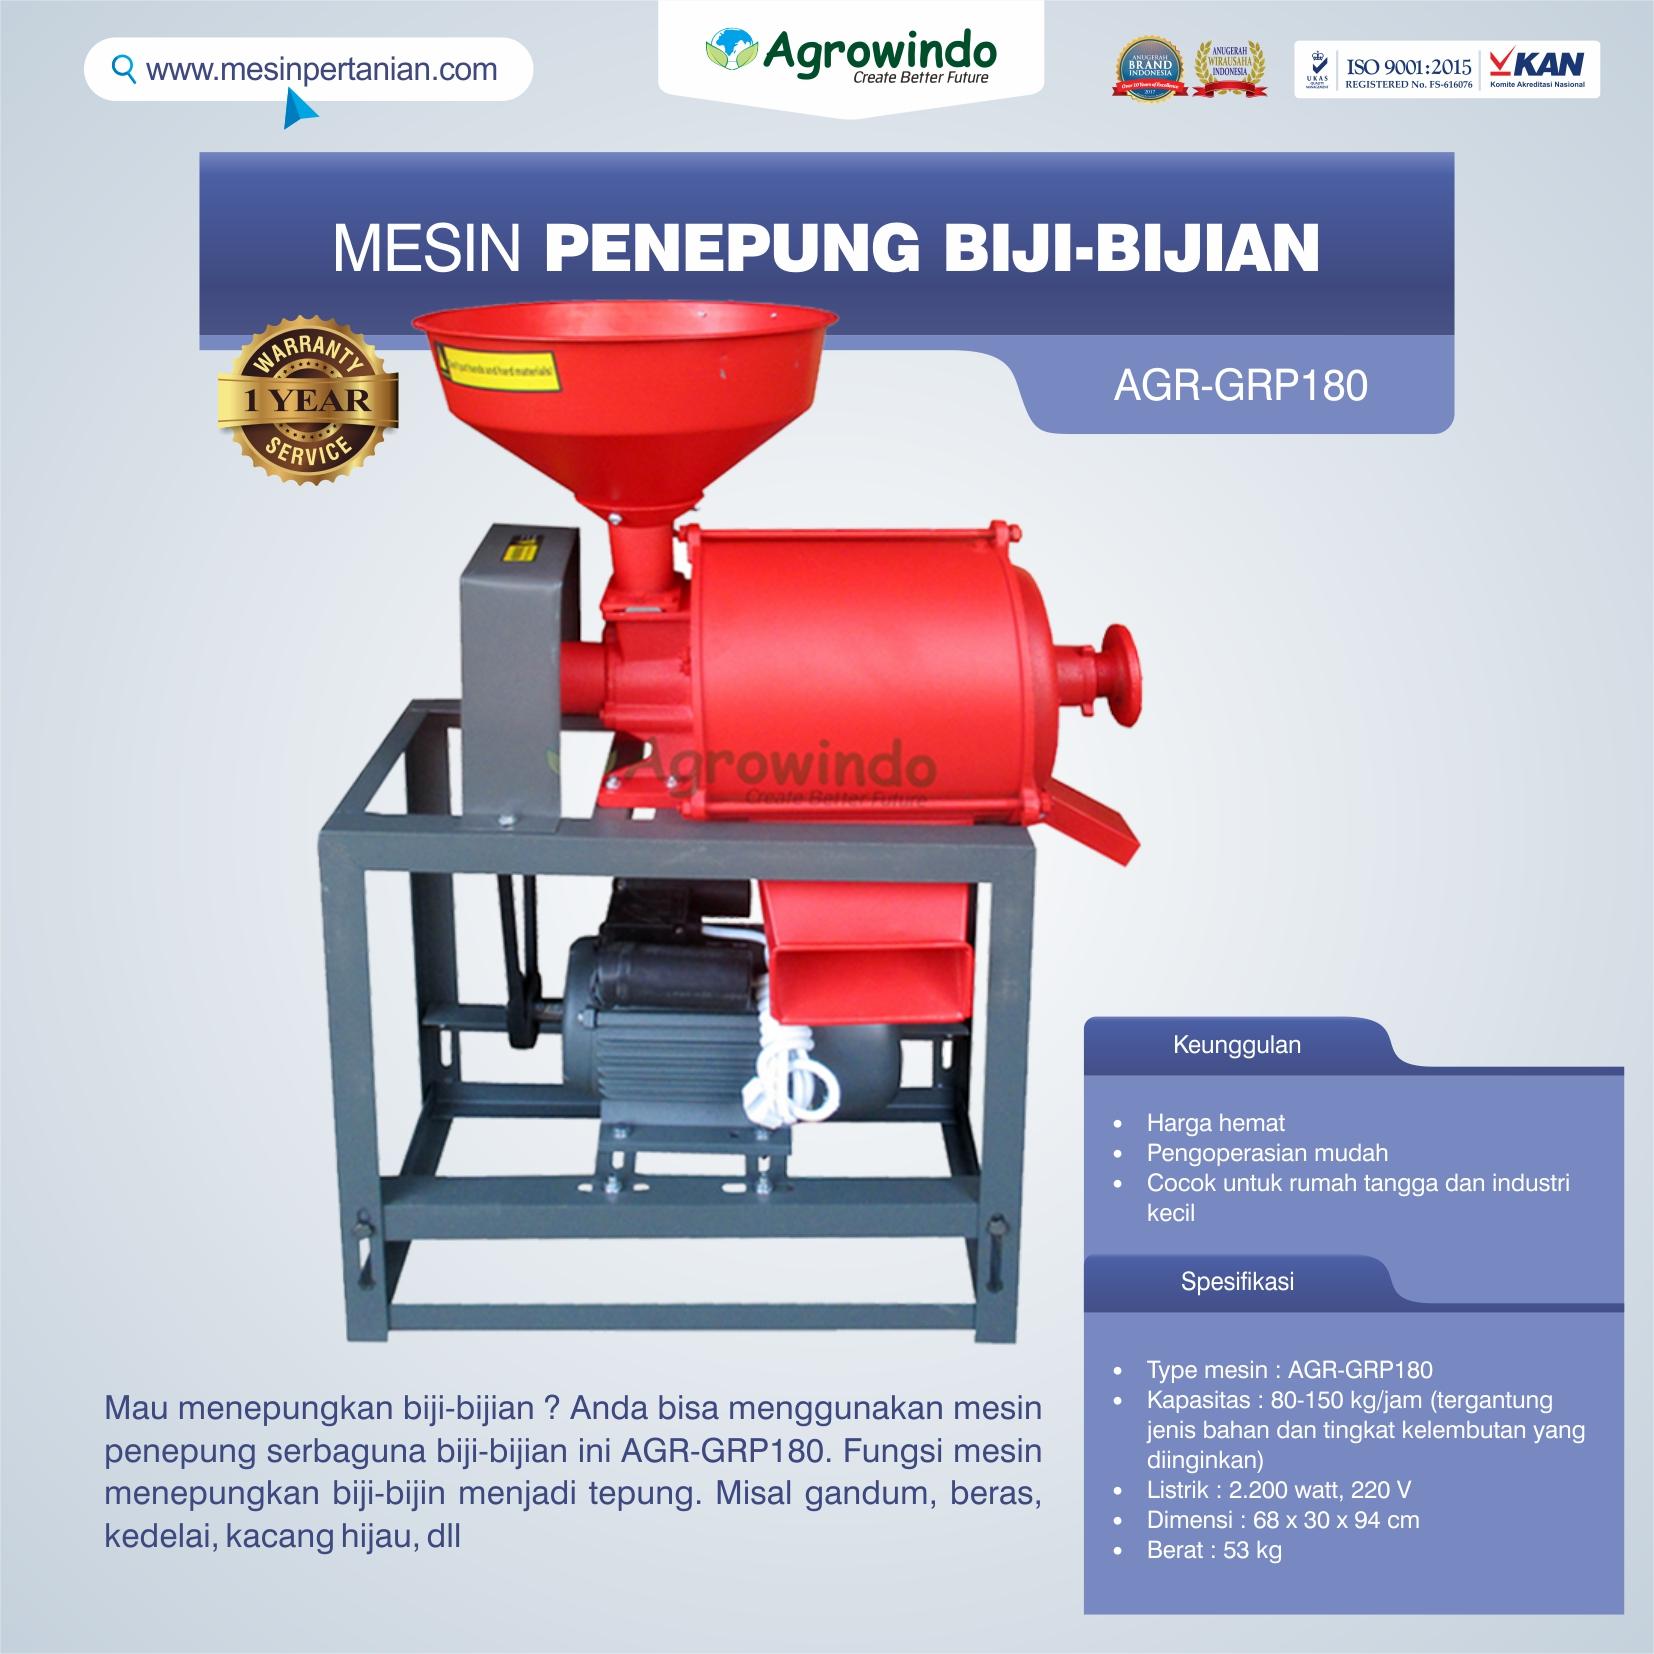 Jual Mesin Penepung Biji-Bijian GRP180 di Semarang